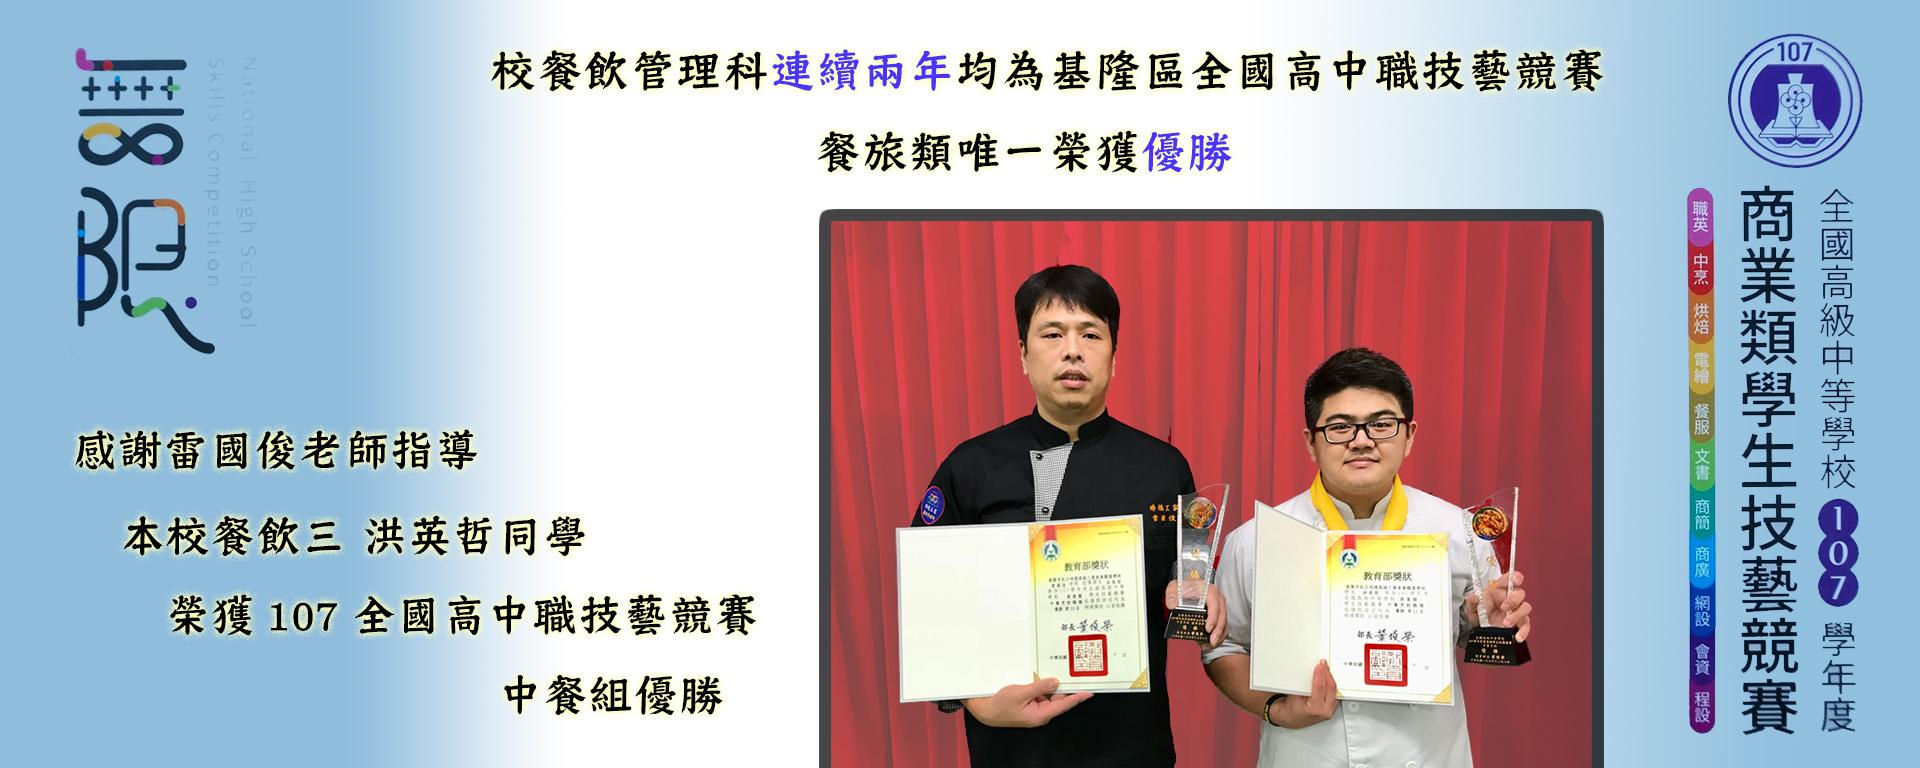 榮獲107全國高中職技藝競賽中餐組優勝